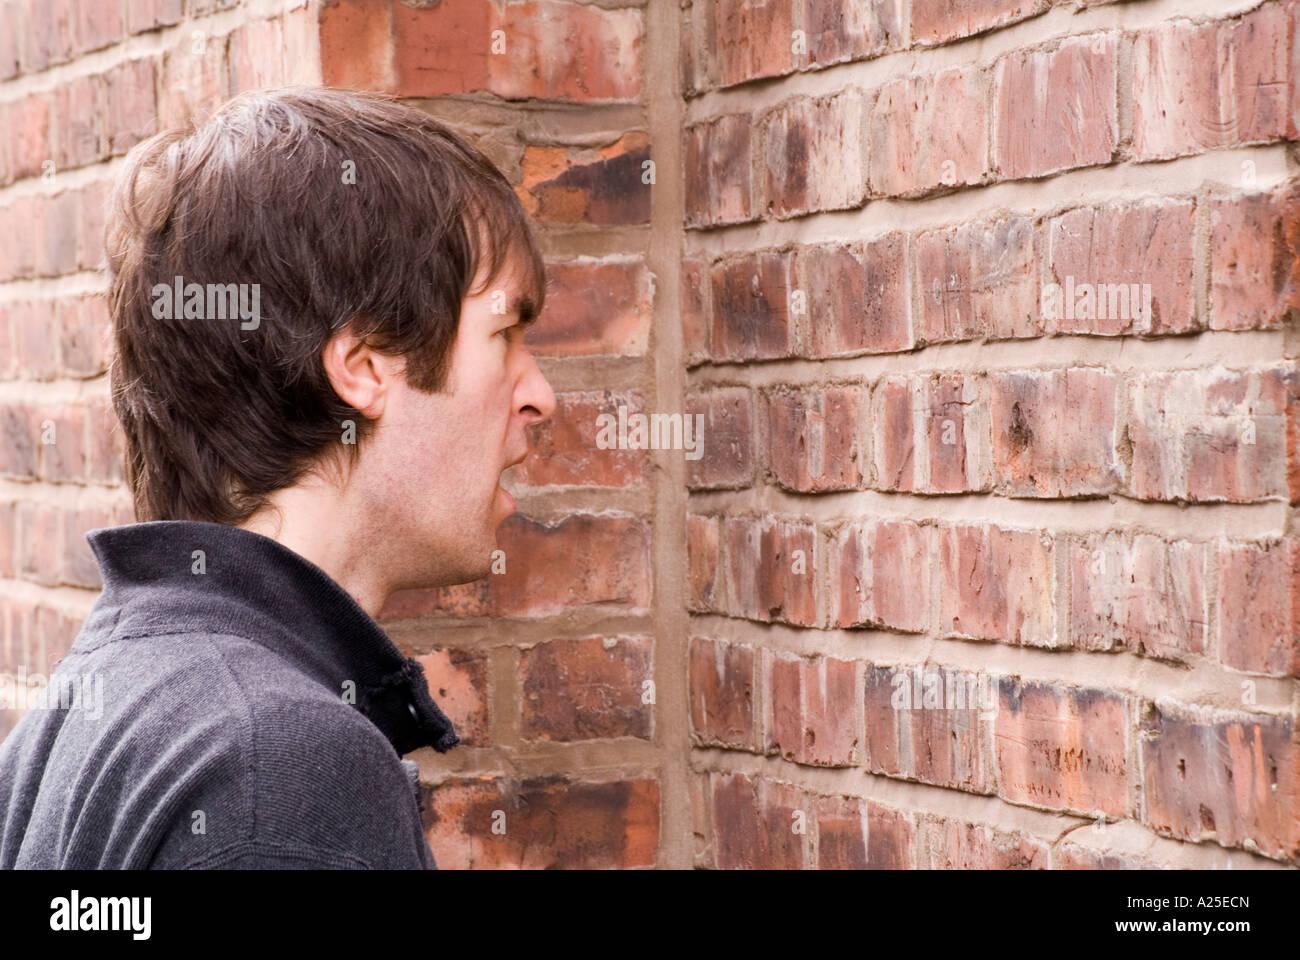 Le Fait De Parler A Un Mur En Brique 4 Photo Stock Alamy